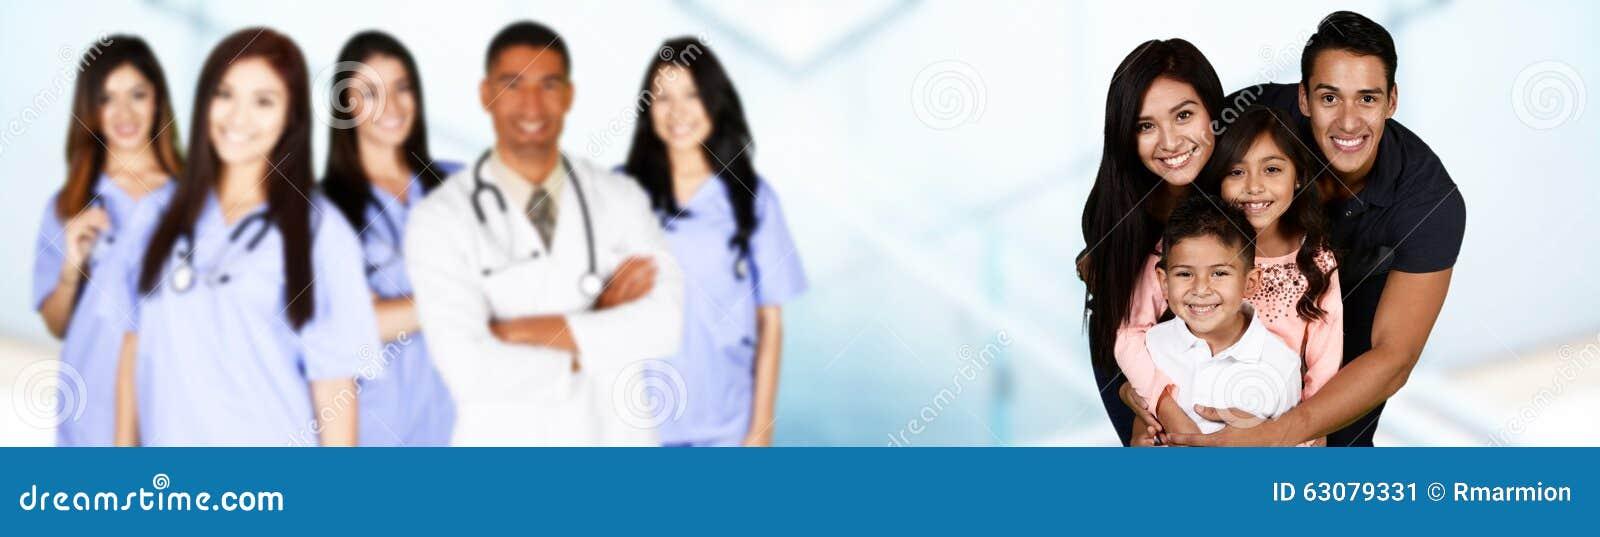 Download Famille à l'hôpital image stock. Image du soin, santé - 63079331